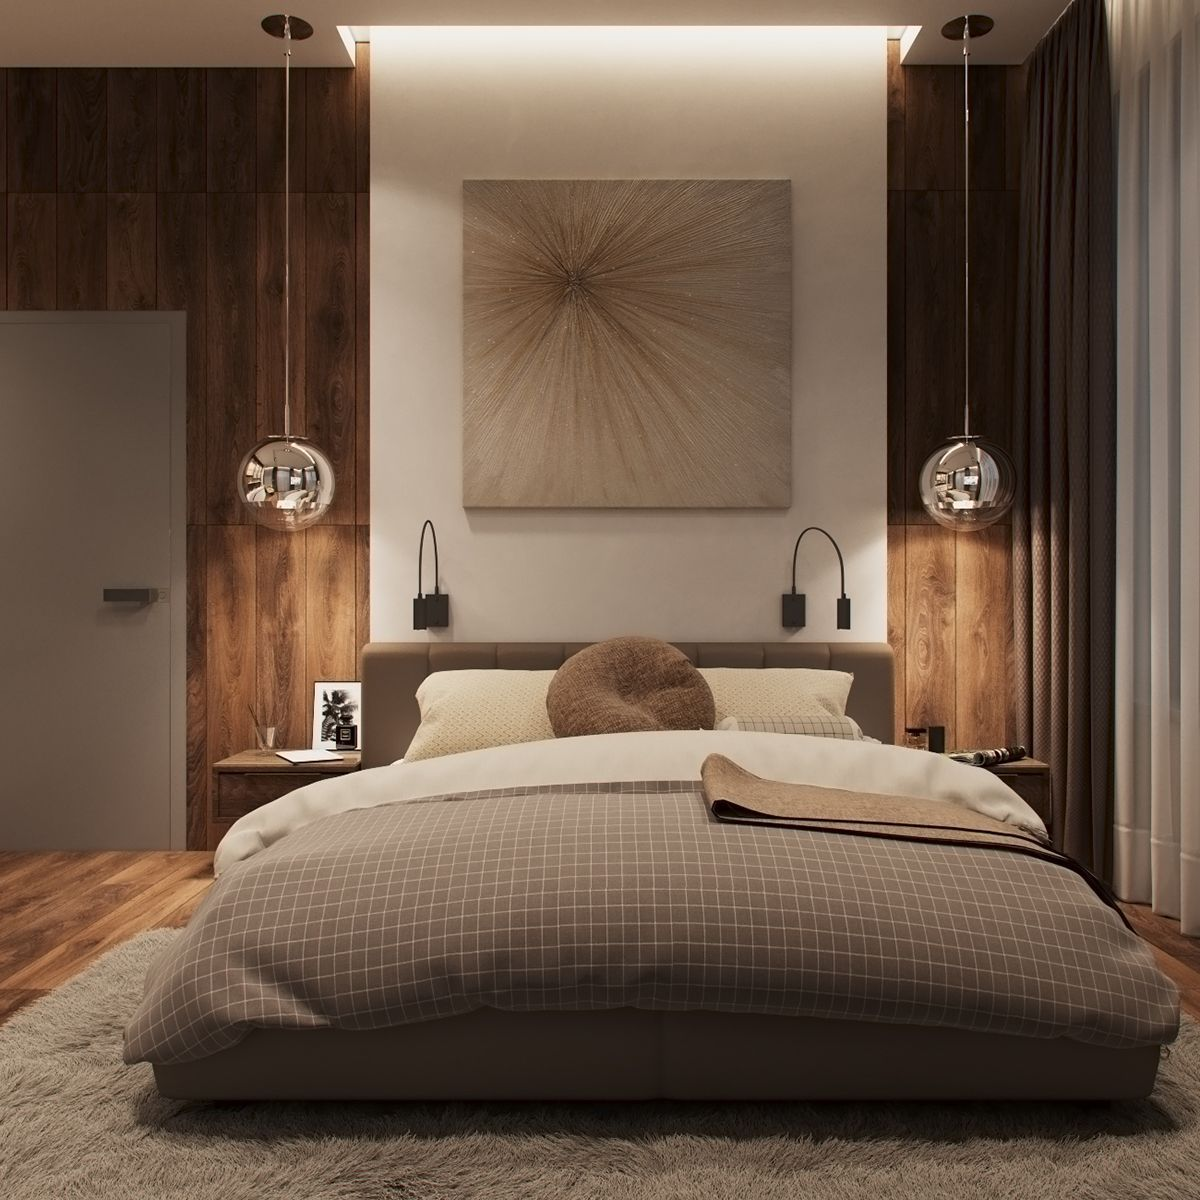 Cowok Desain Kamar Minimalis 3x3 - Rumah Desain